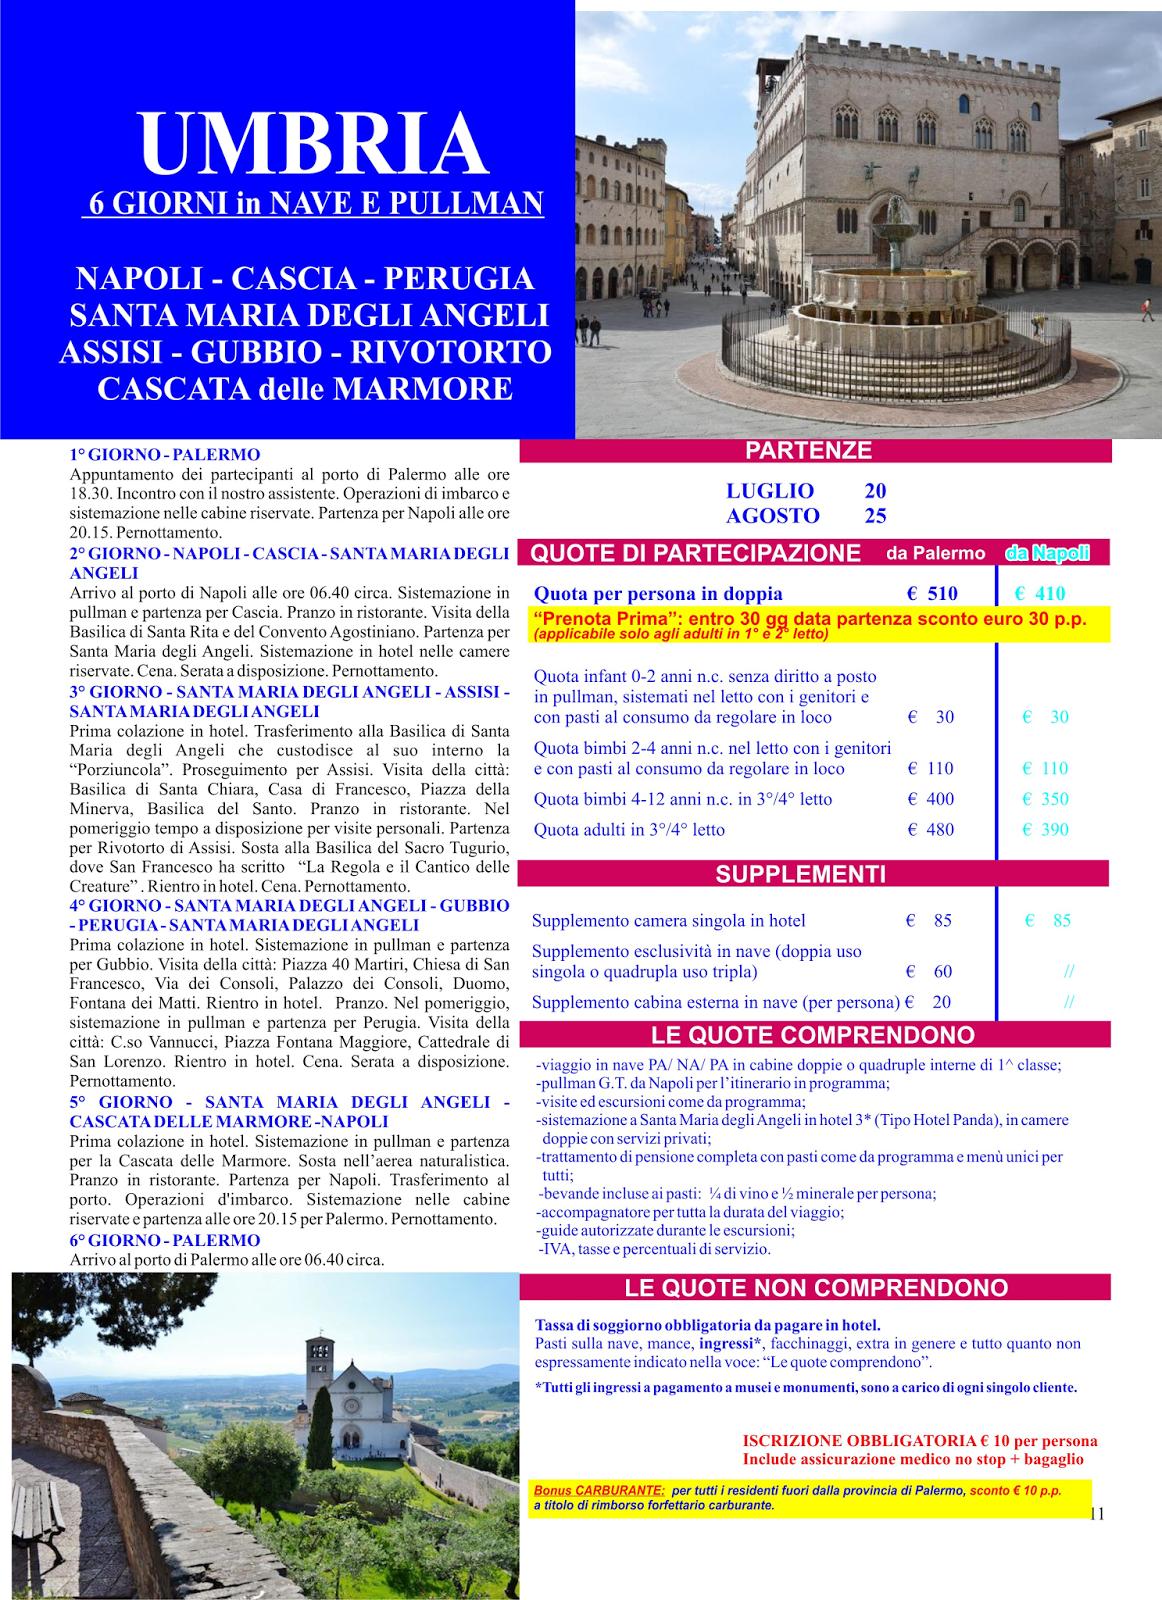 Italia umbria tour da palermo nave bus luglio e agosto da 480 for Smartbox fuga di tre giorni due cene